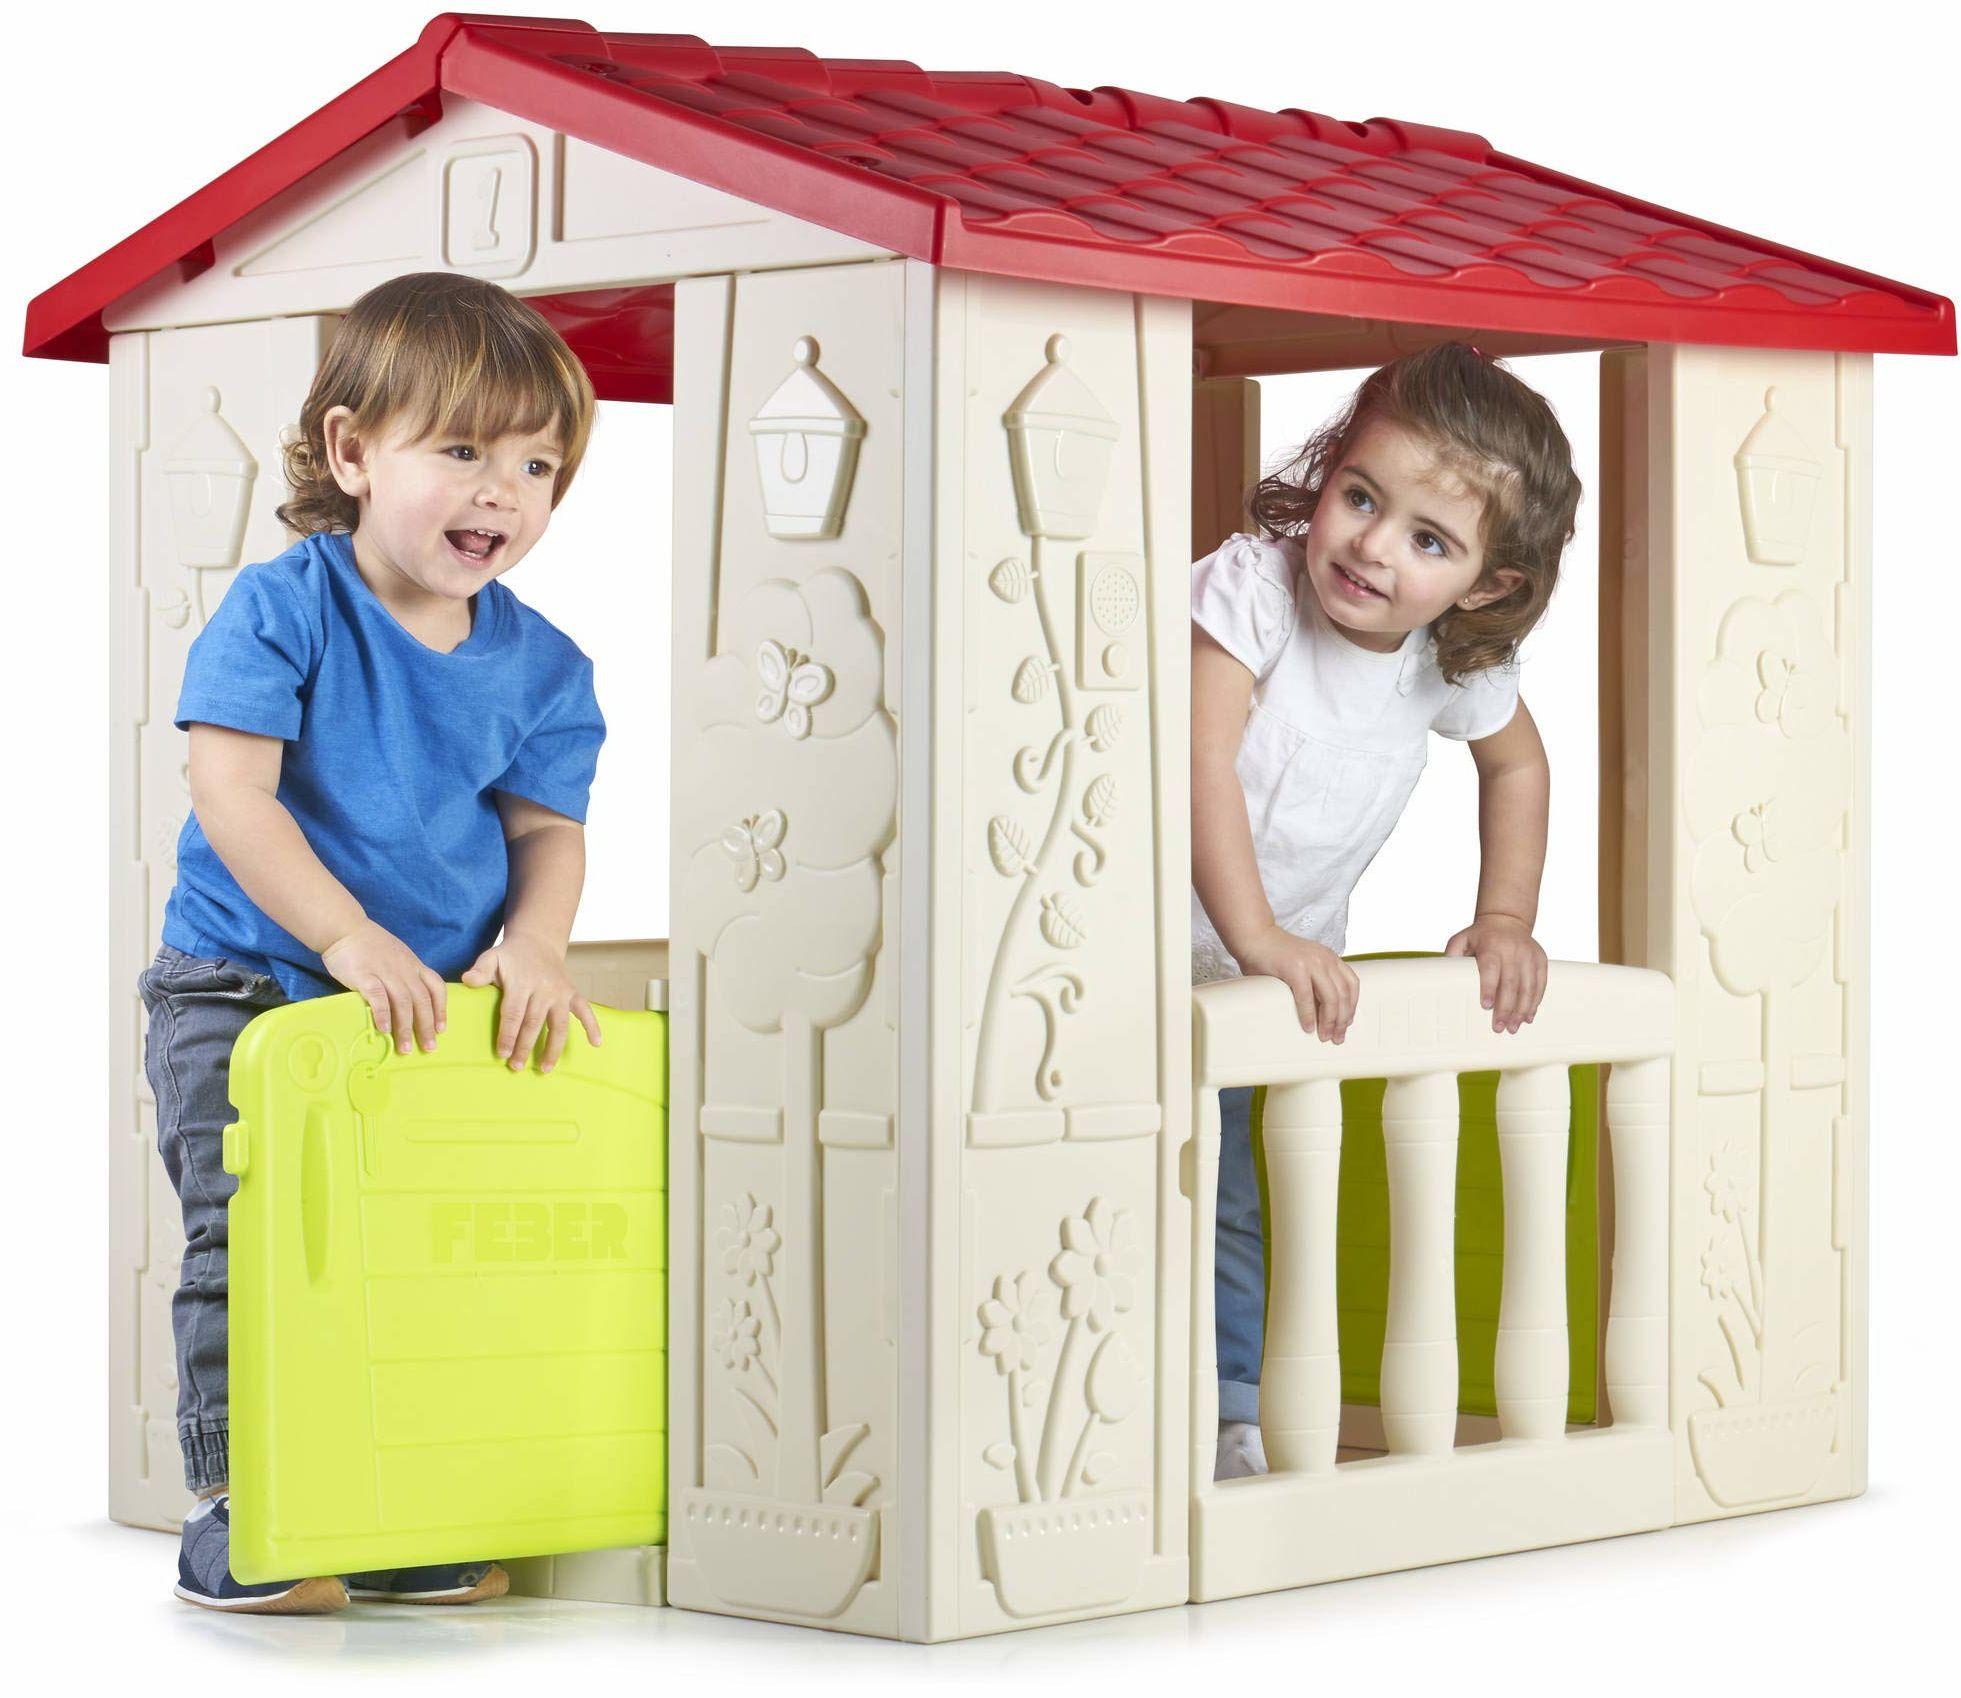 FEBER Famosa 800012380 domek do zabawy, dla dzieci w wieku od 2 do 6 lat